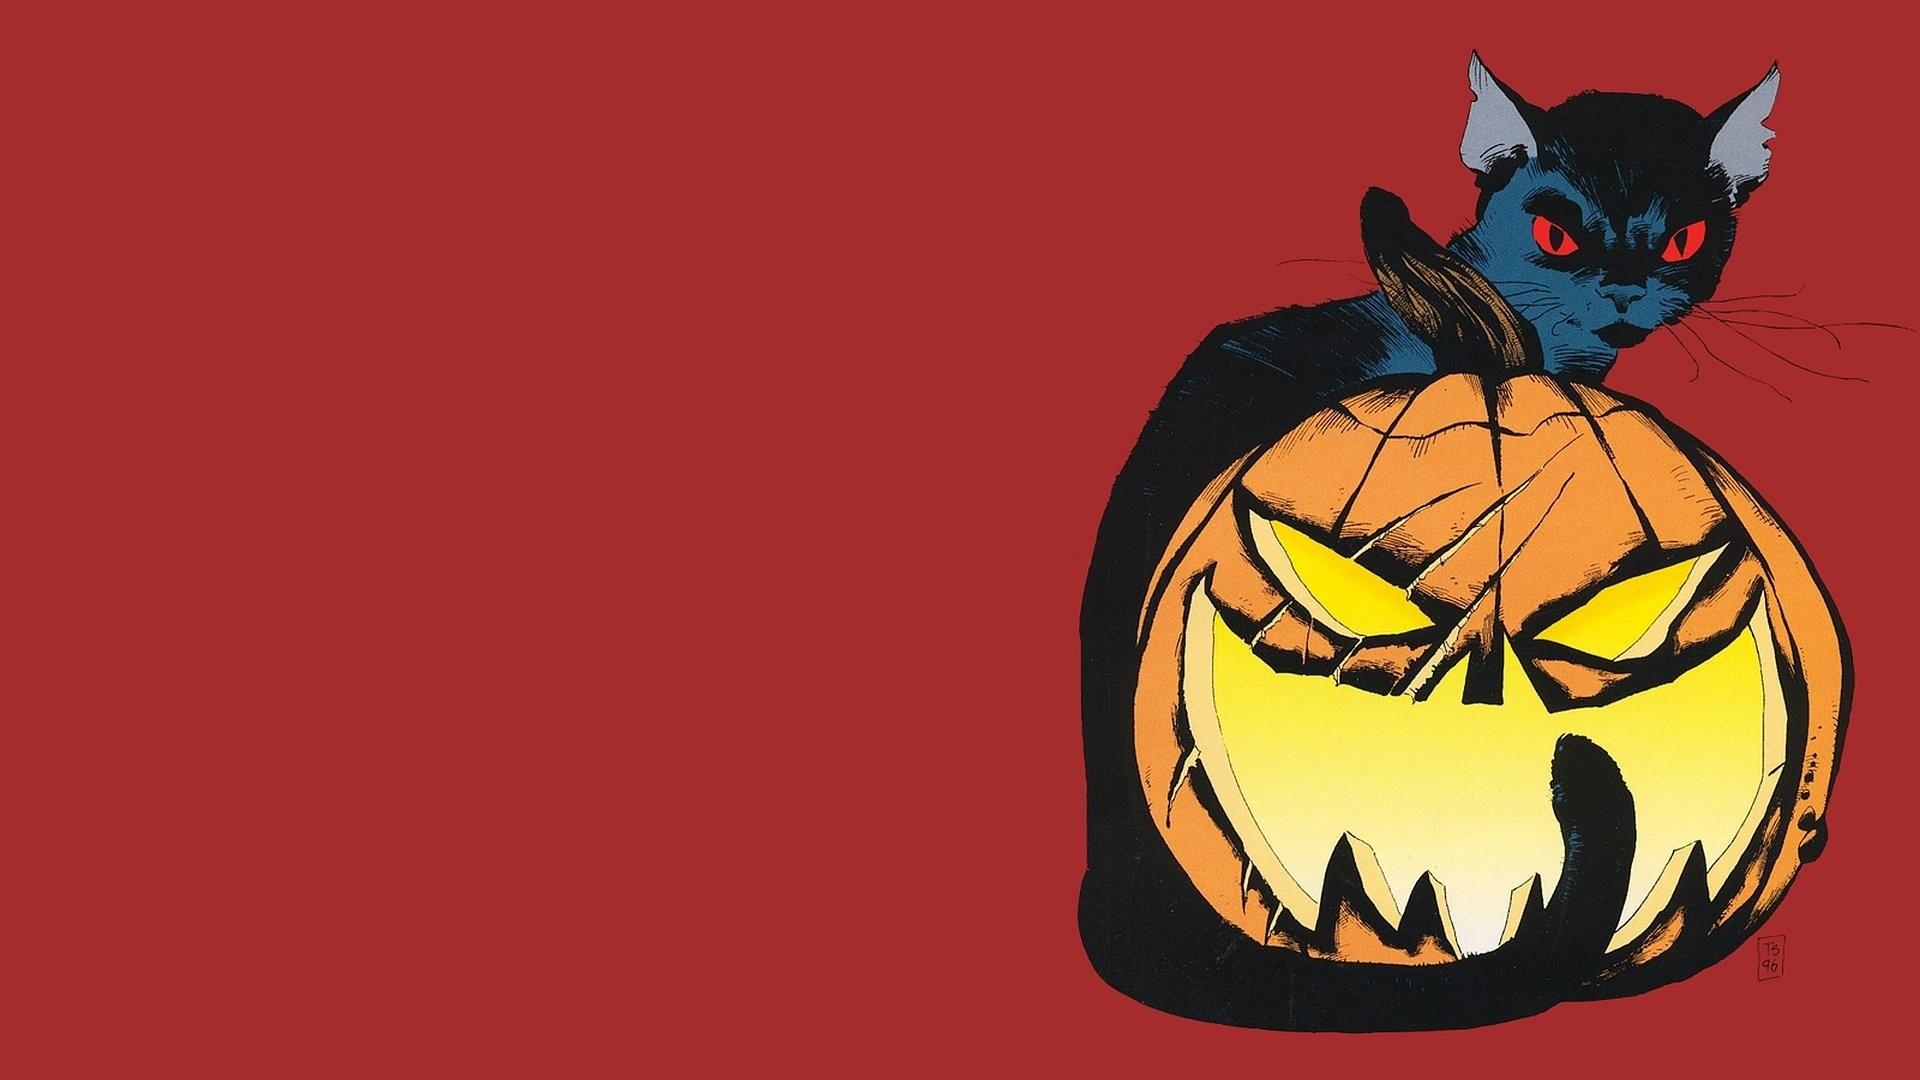 Batman Long Halloween Wallpaper